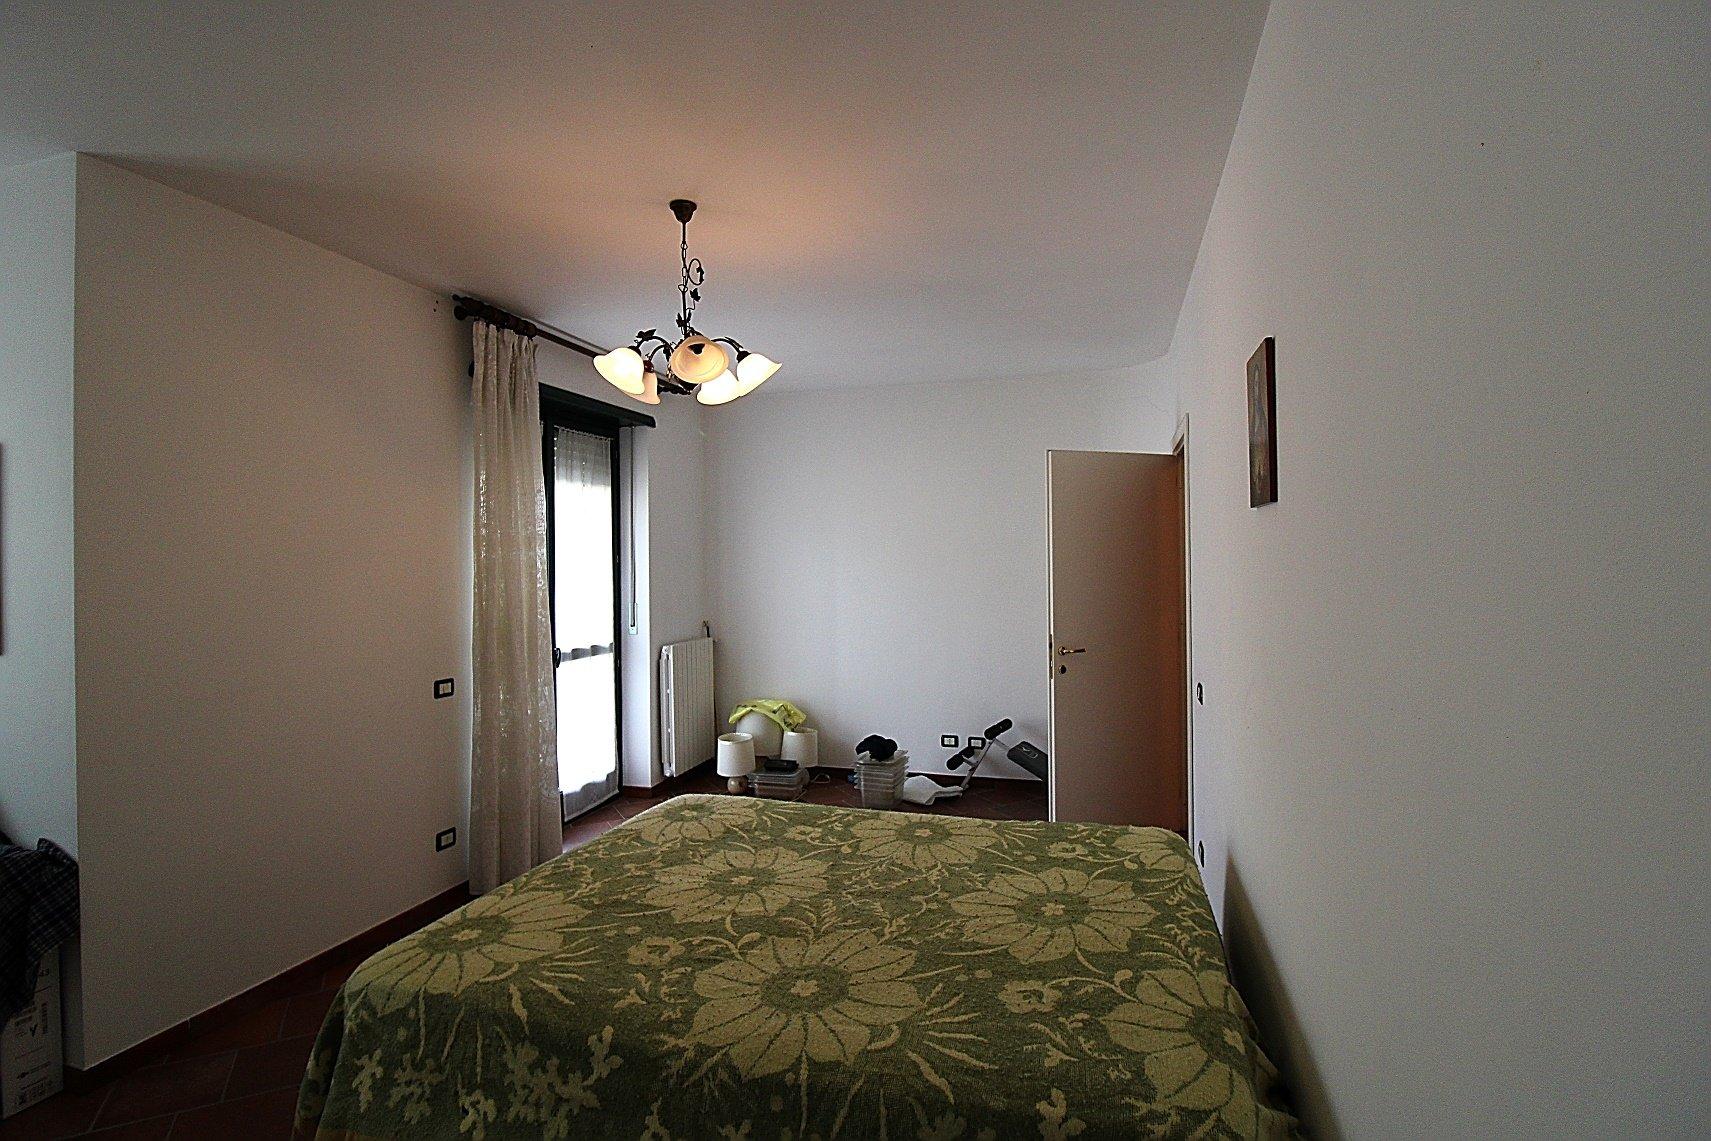 Priocca, due alloggi residenziali e laboratorio artigianale